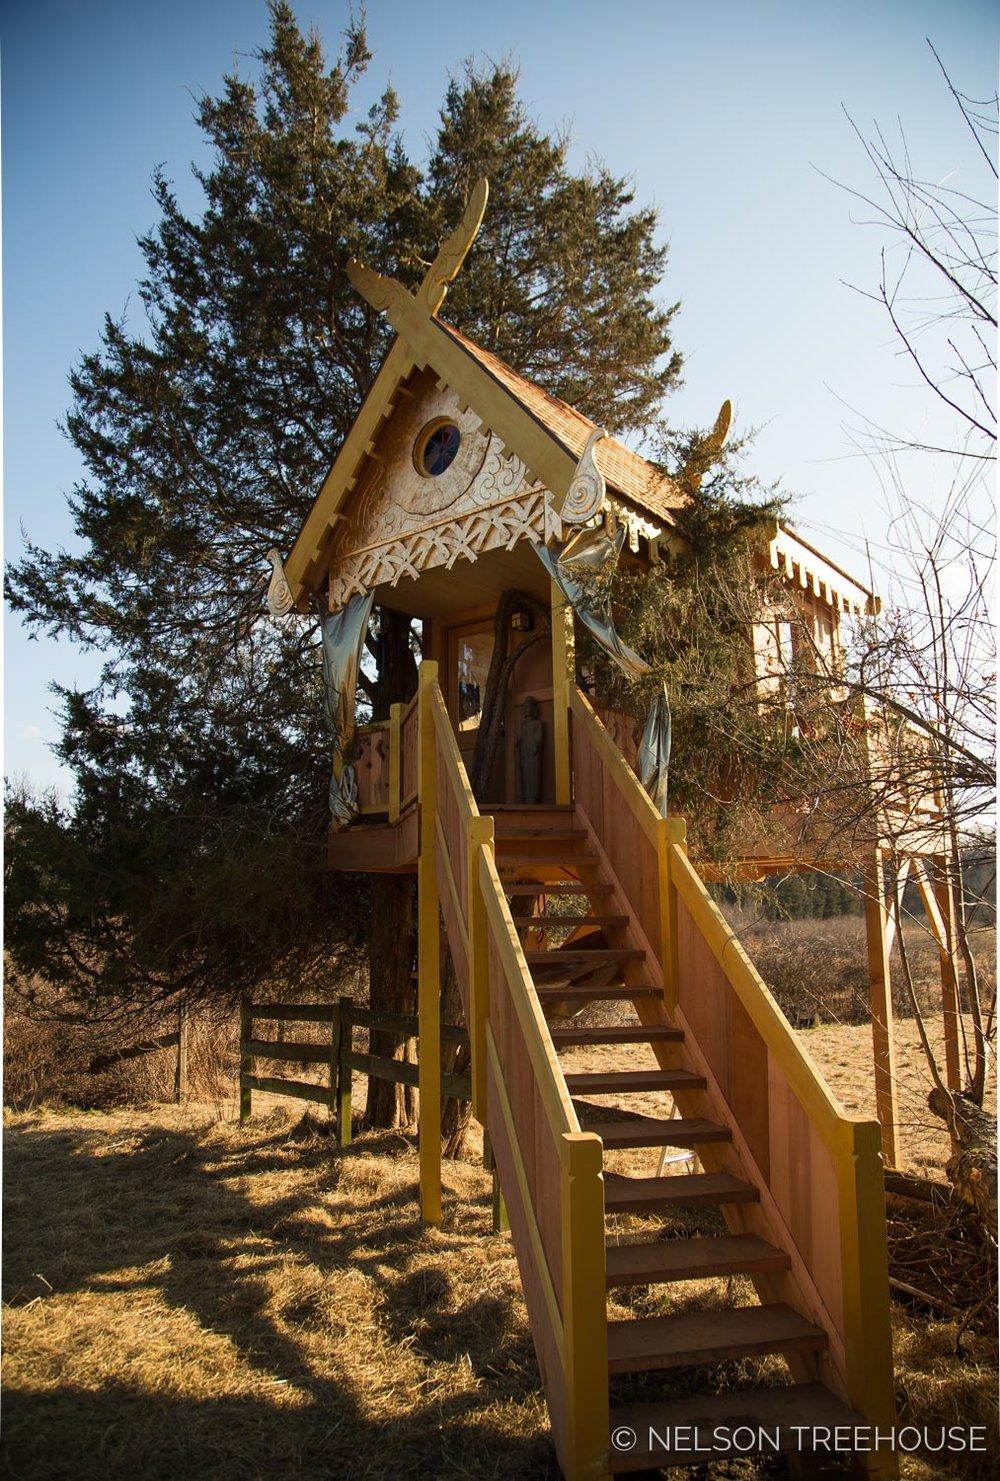 spirit-house-nelson-treehouse-2012-24.jpg